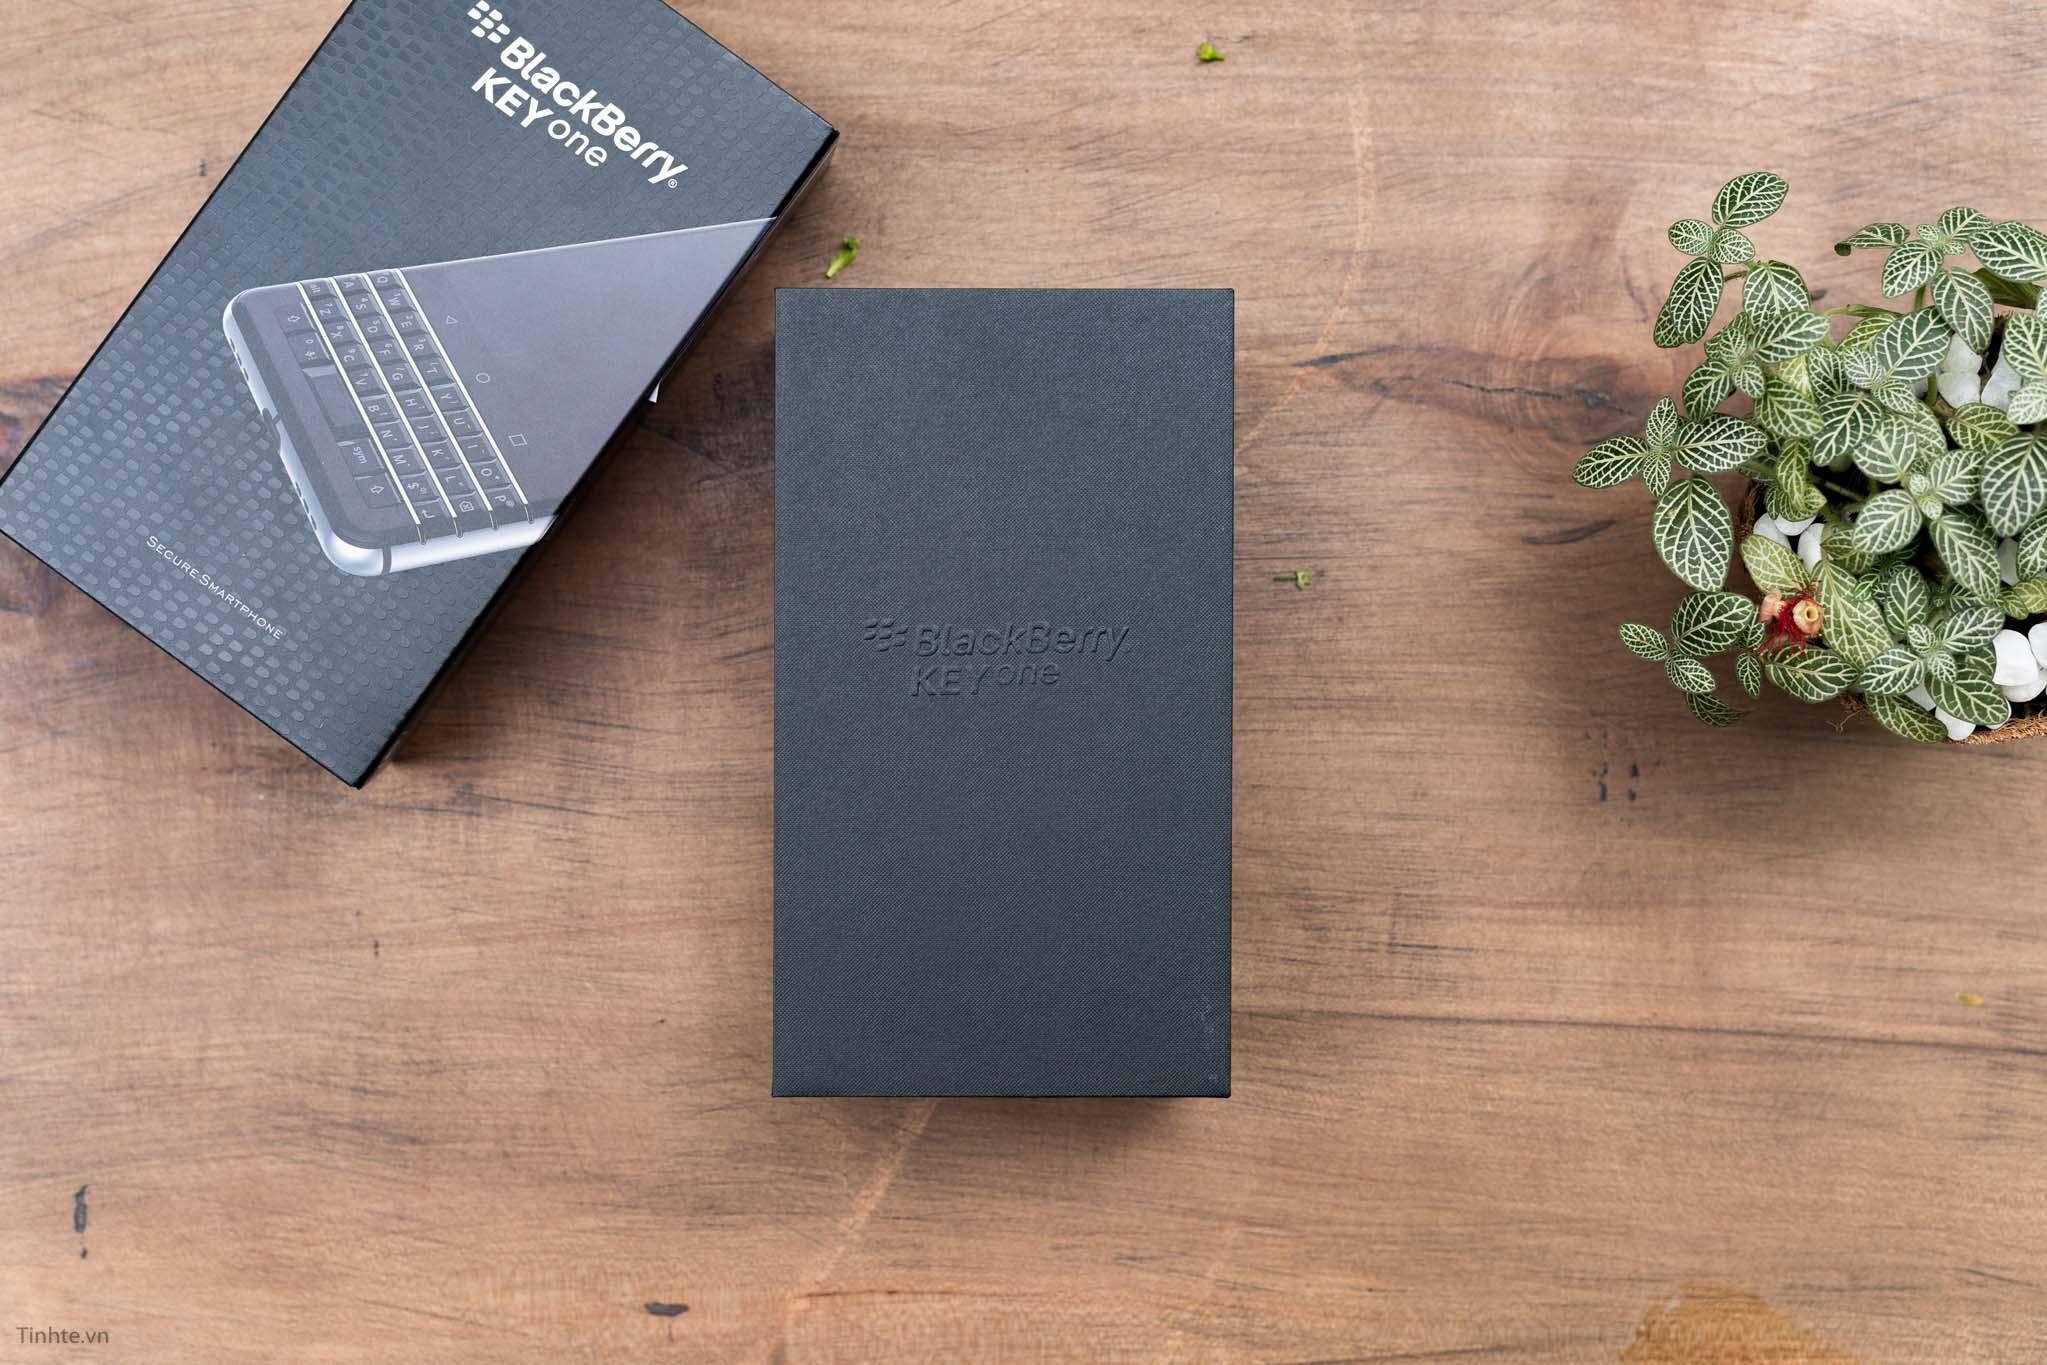 BlackBerry-KEYone-tinhte-5.jpg